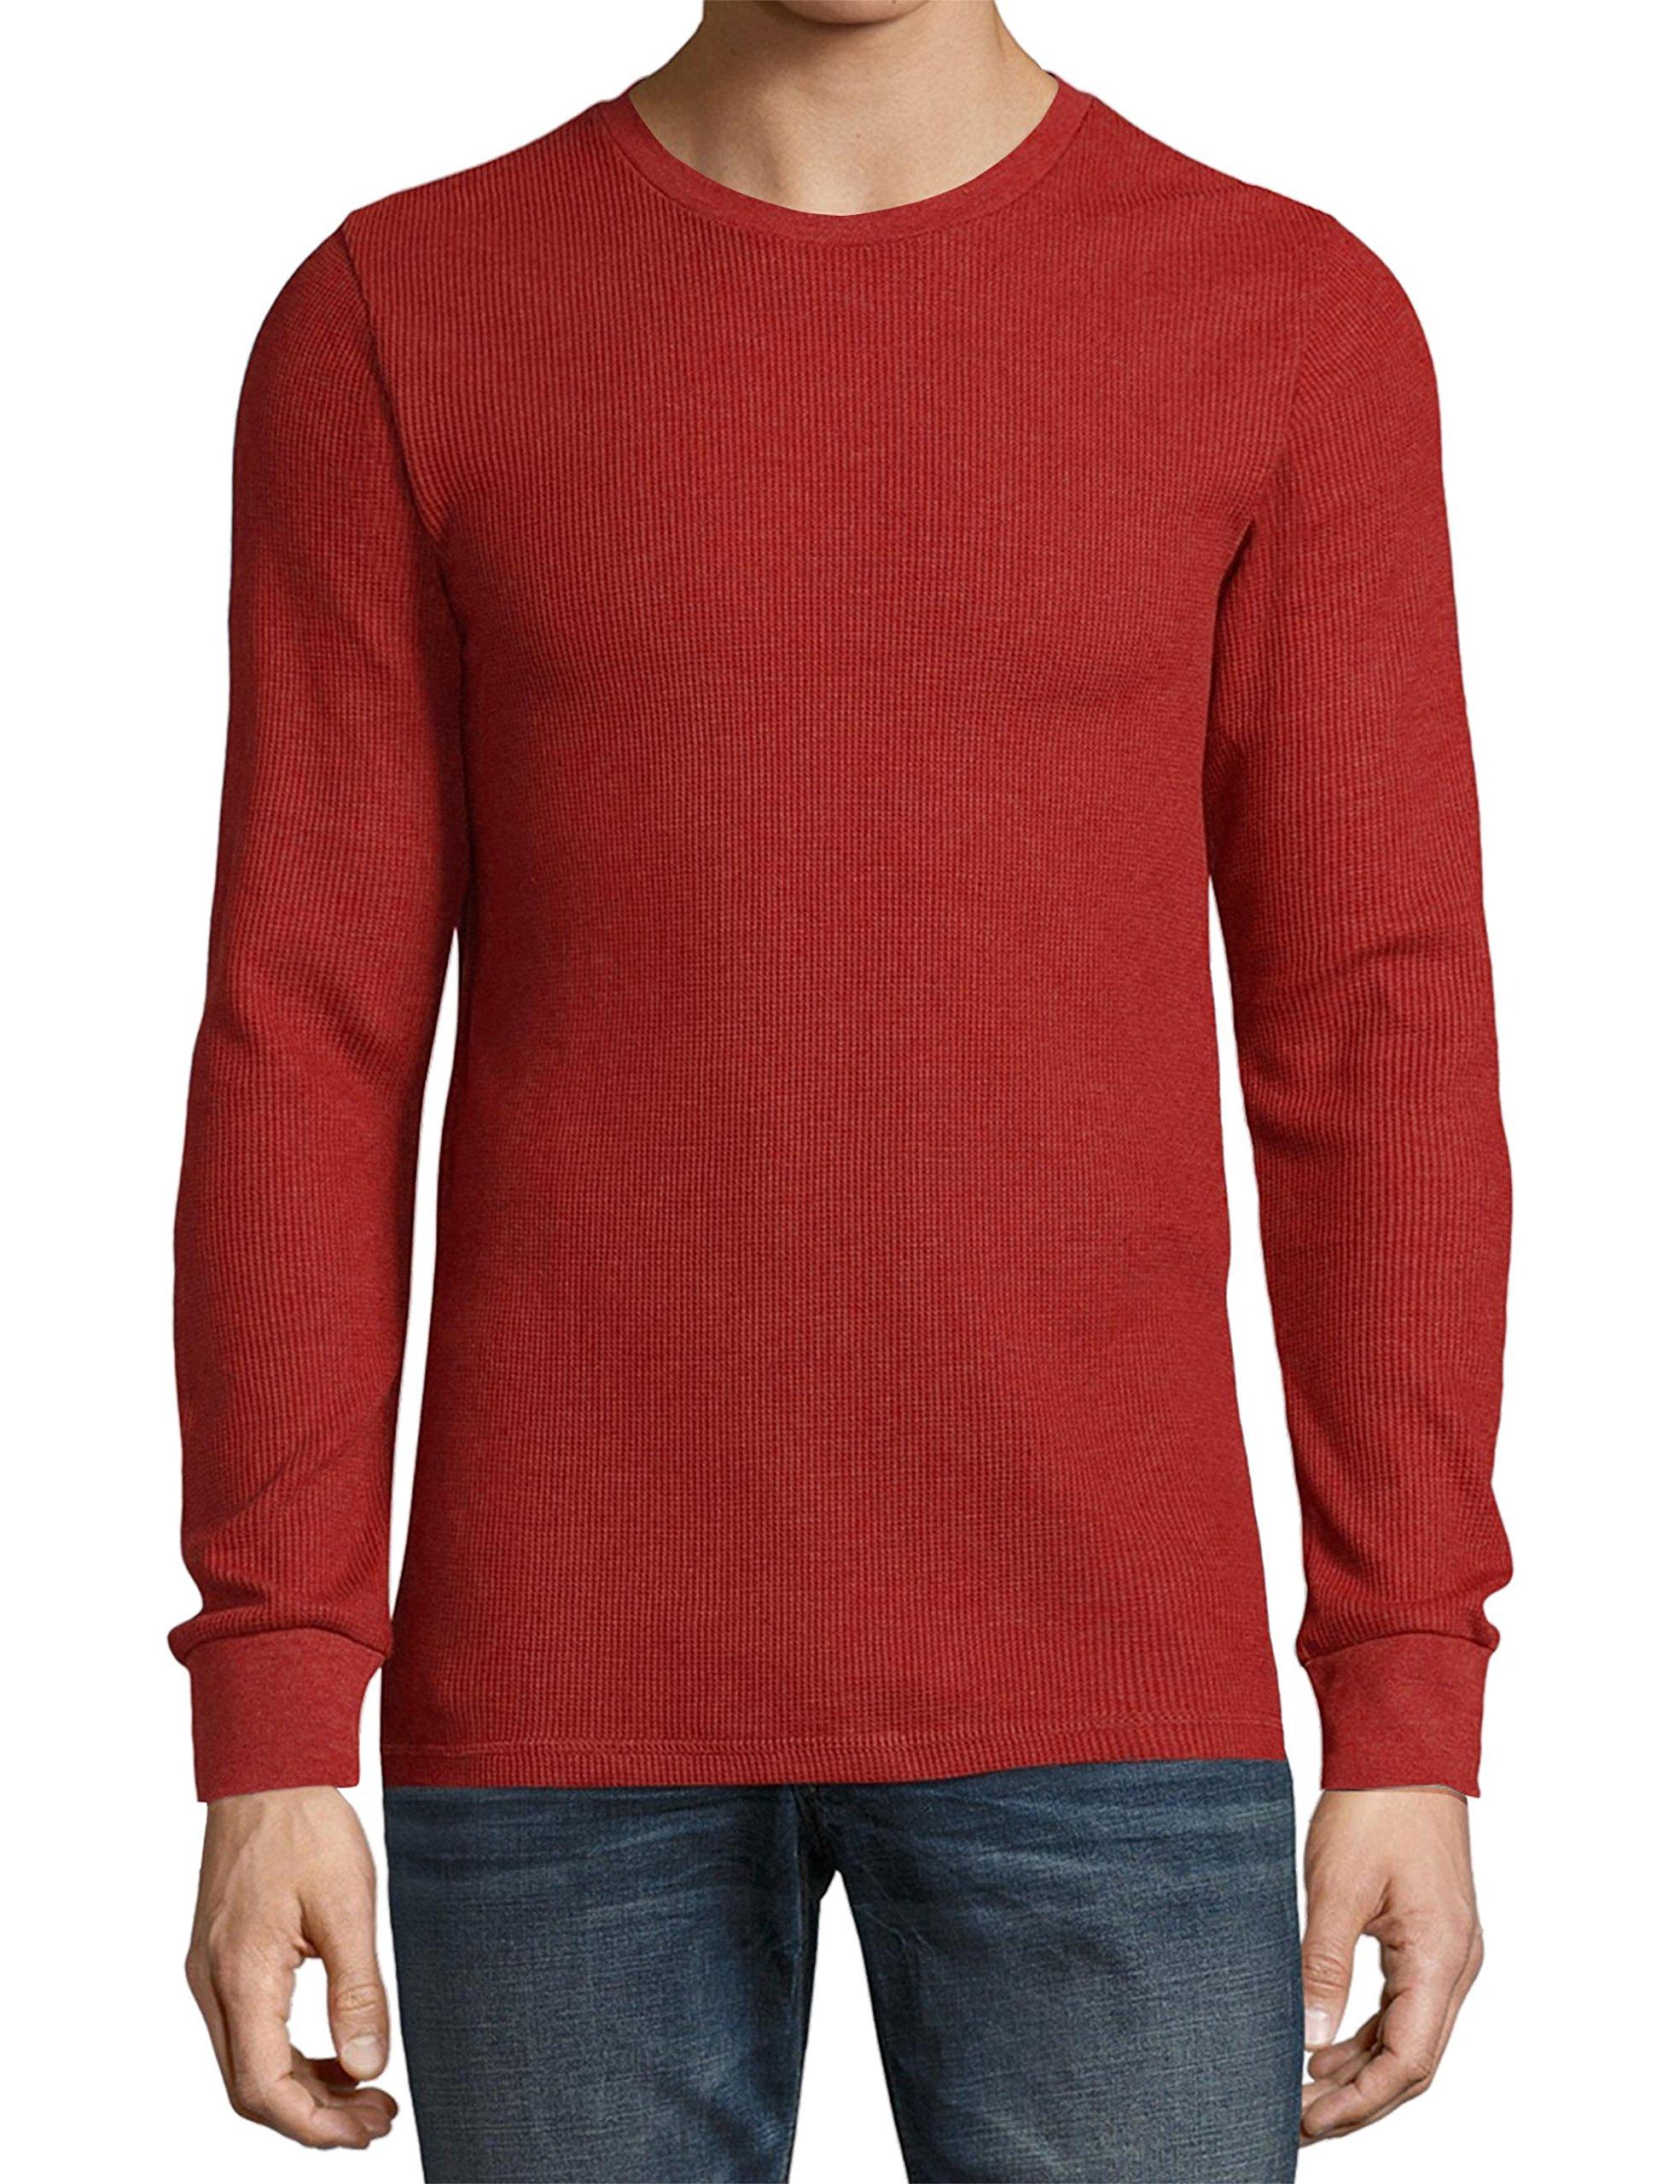 KS Mens Thermal T Shirts (Medium/ ks23_red) by Ma Croix